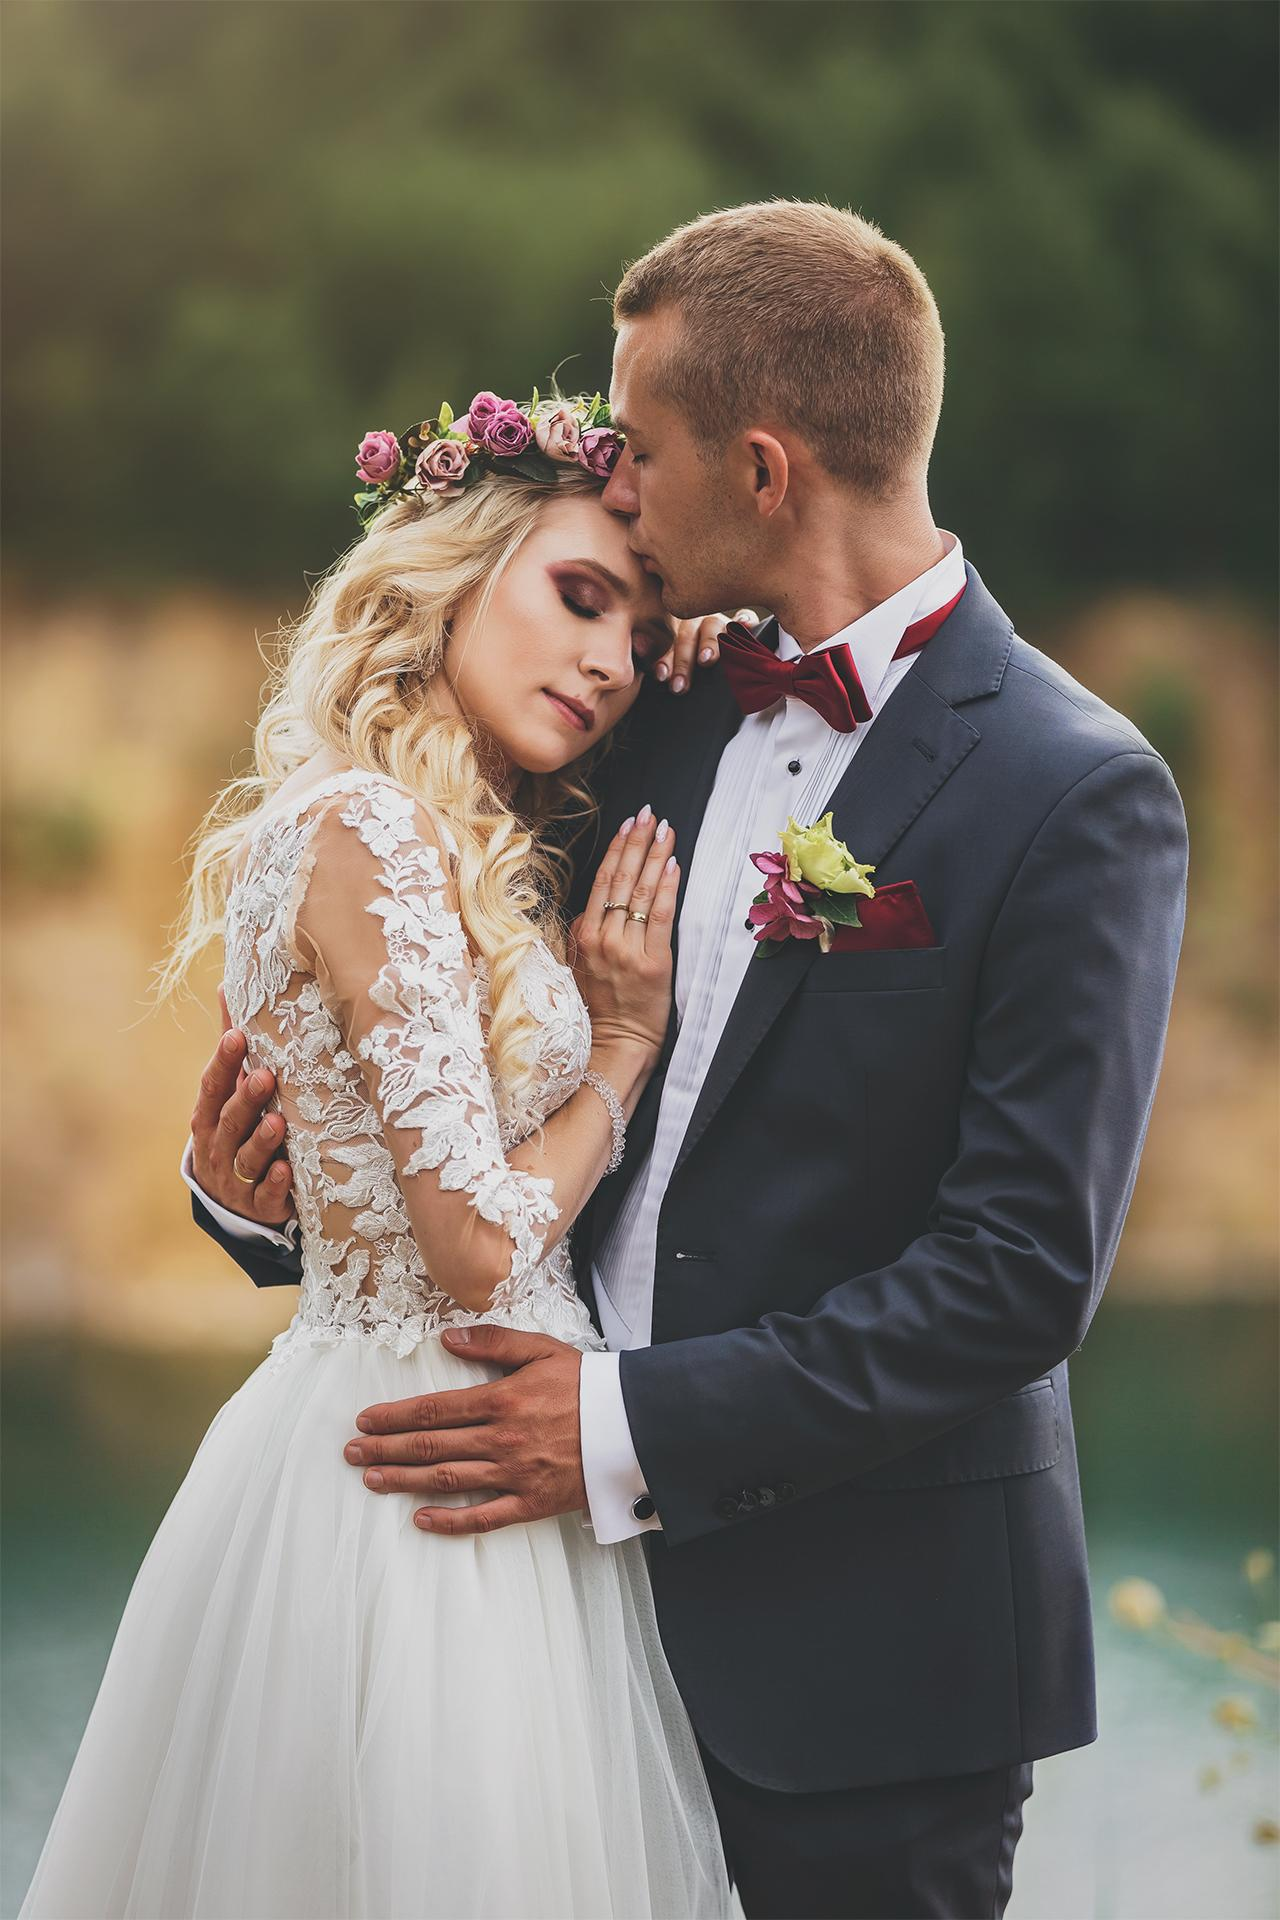 Romantyczna sesja plenerowa - Monika i Paweł